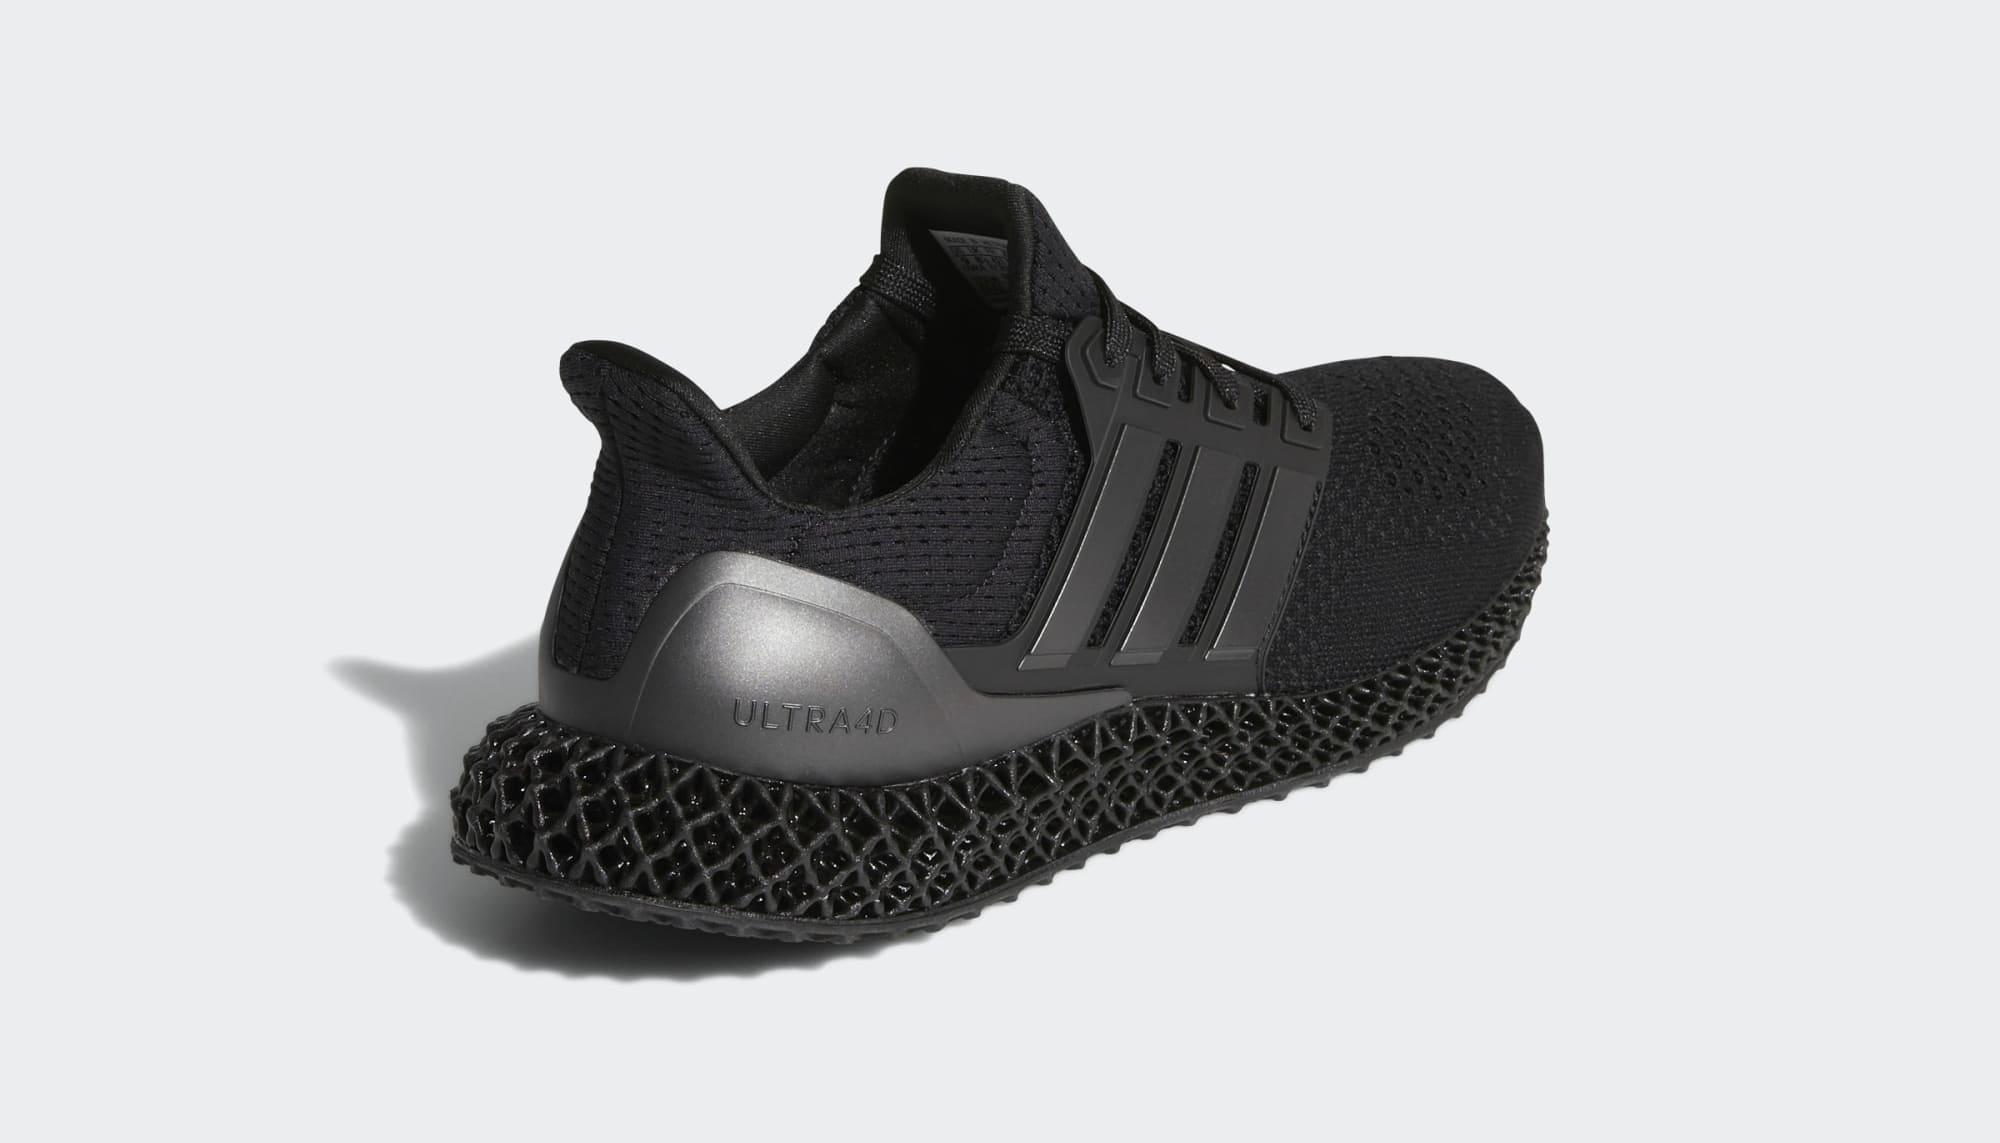 Adidas Ultra 4D 'Black' FY4286 Heel